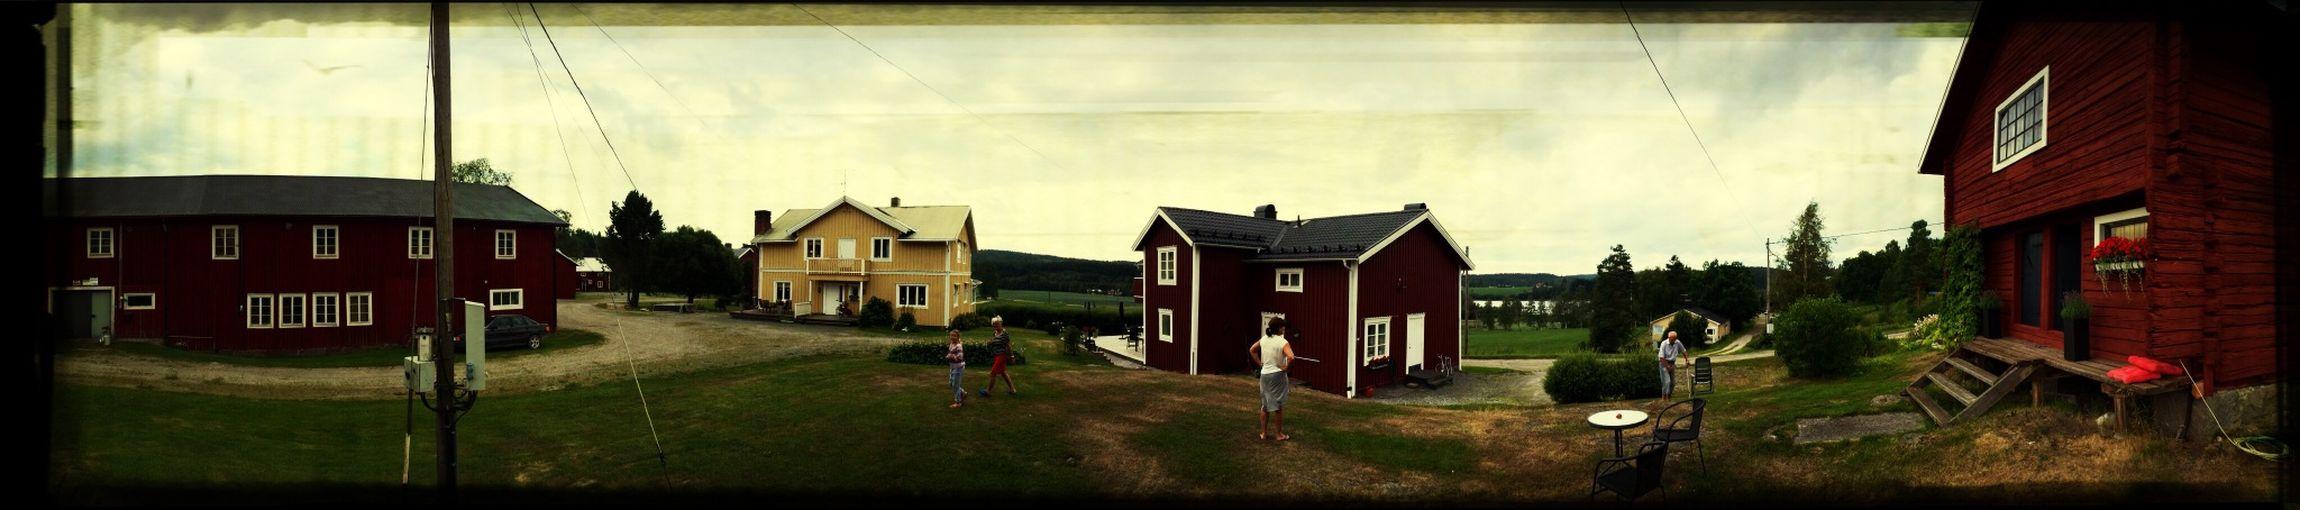 Gården där min mor växte upp.